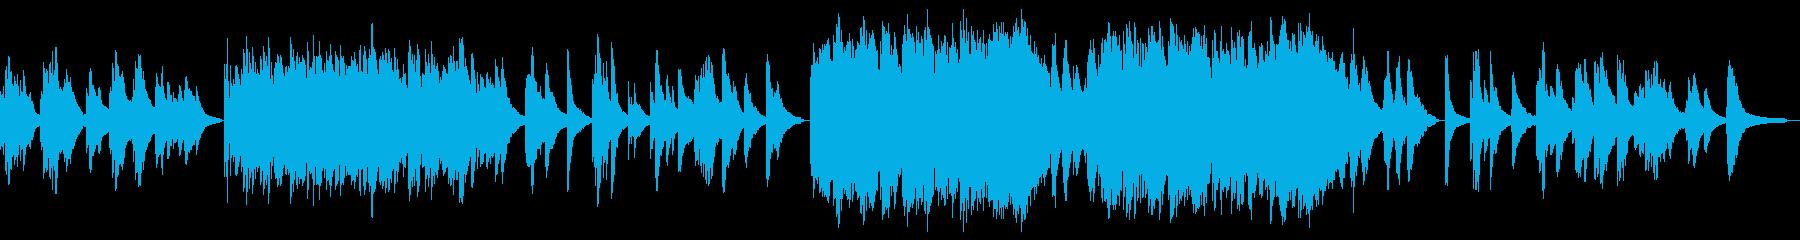 シンプルなピアノとストリングスのバラードの再生済みの波形